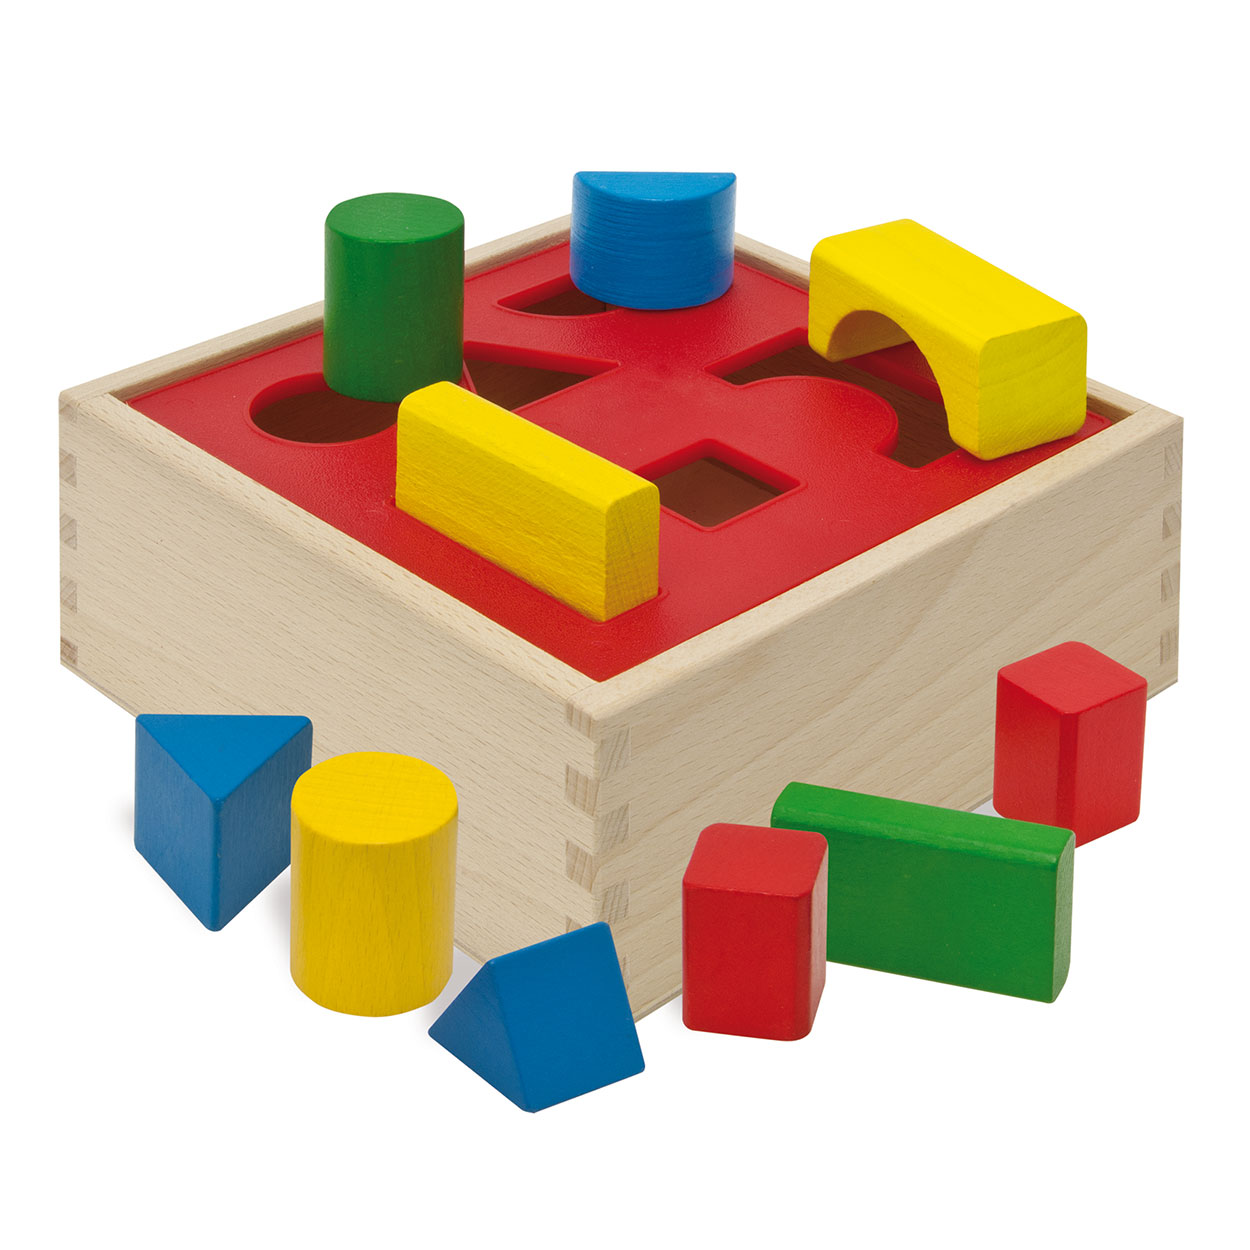 Картинки к методика коробка форм